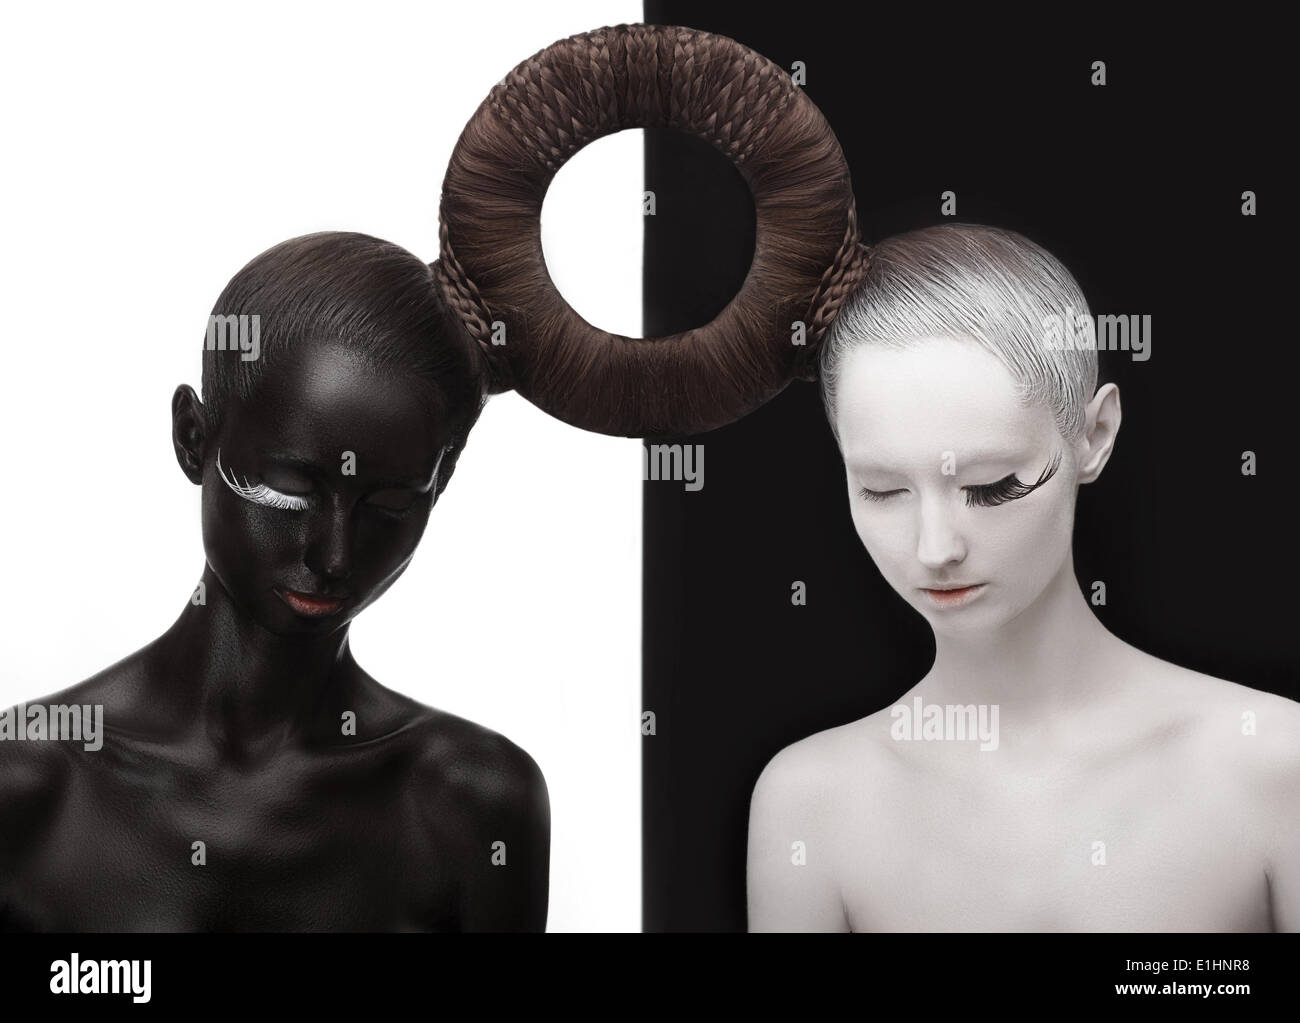 El zen. El yin y el Yang. Silueta de dos personas. Símbolo de blanco y negro. Orientar el concepto creativo Imagen De Stock